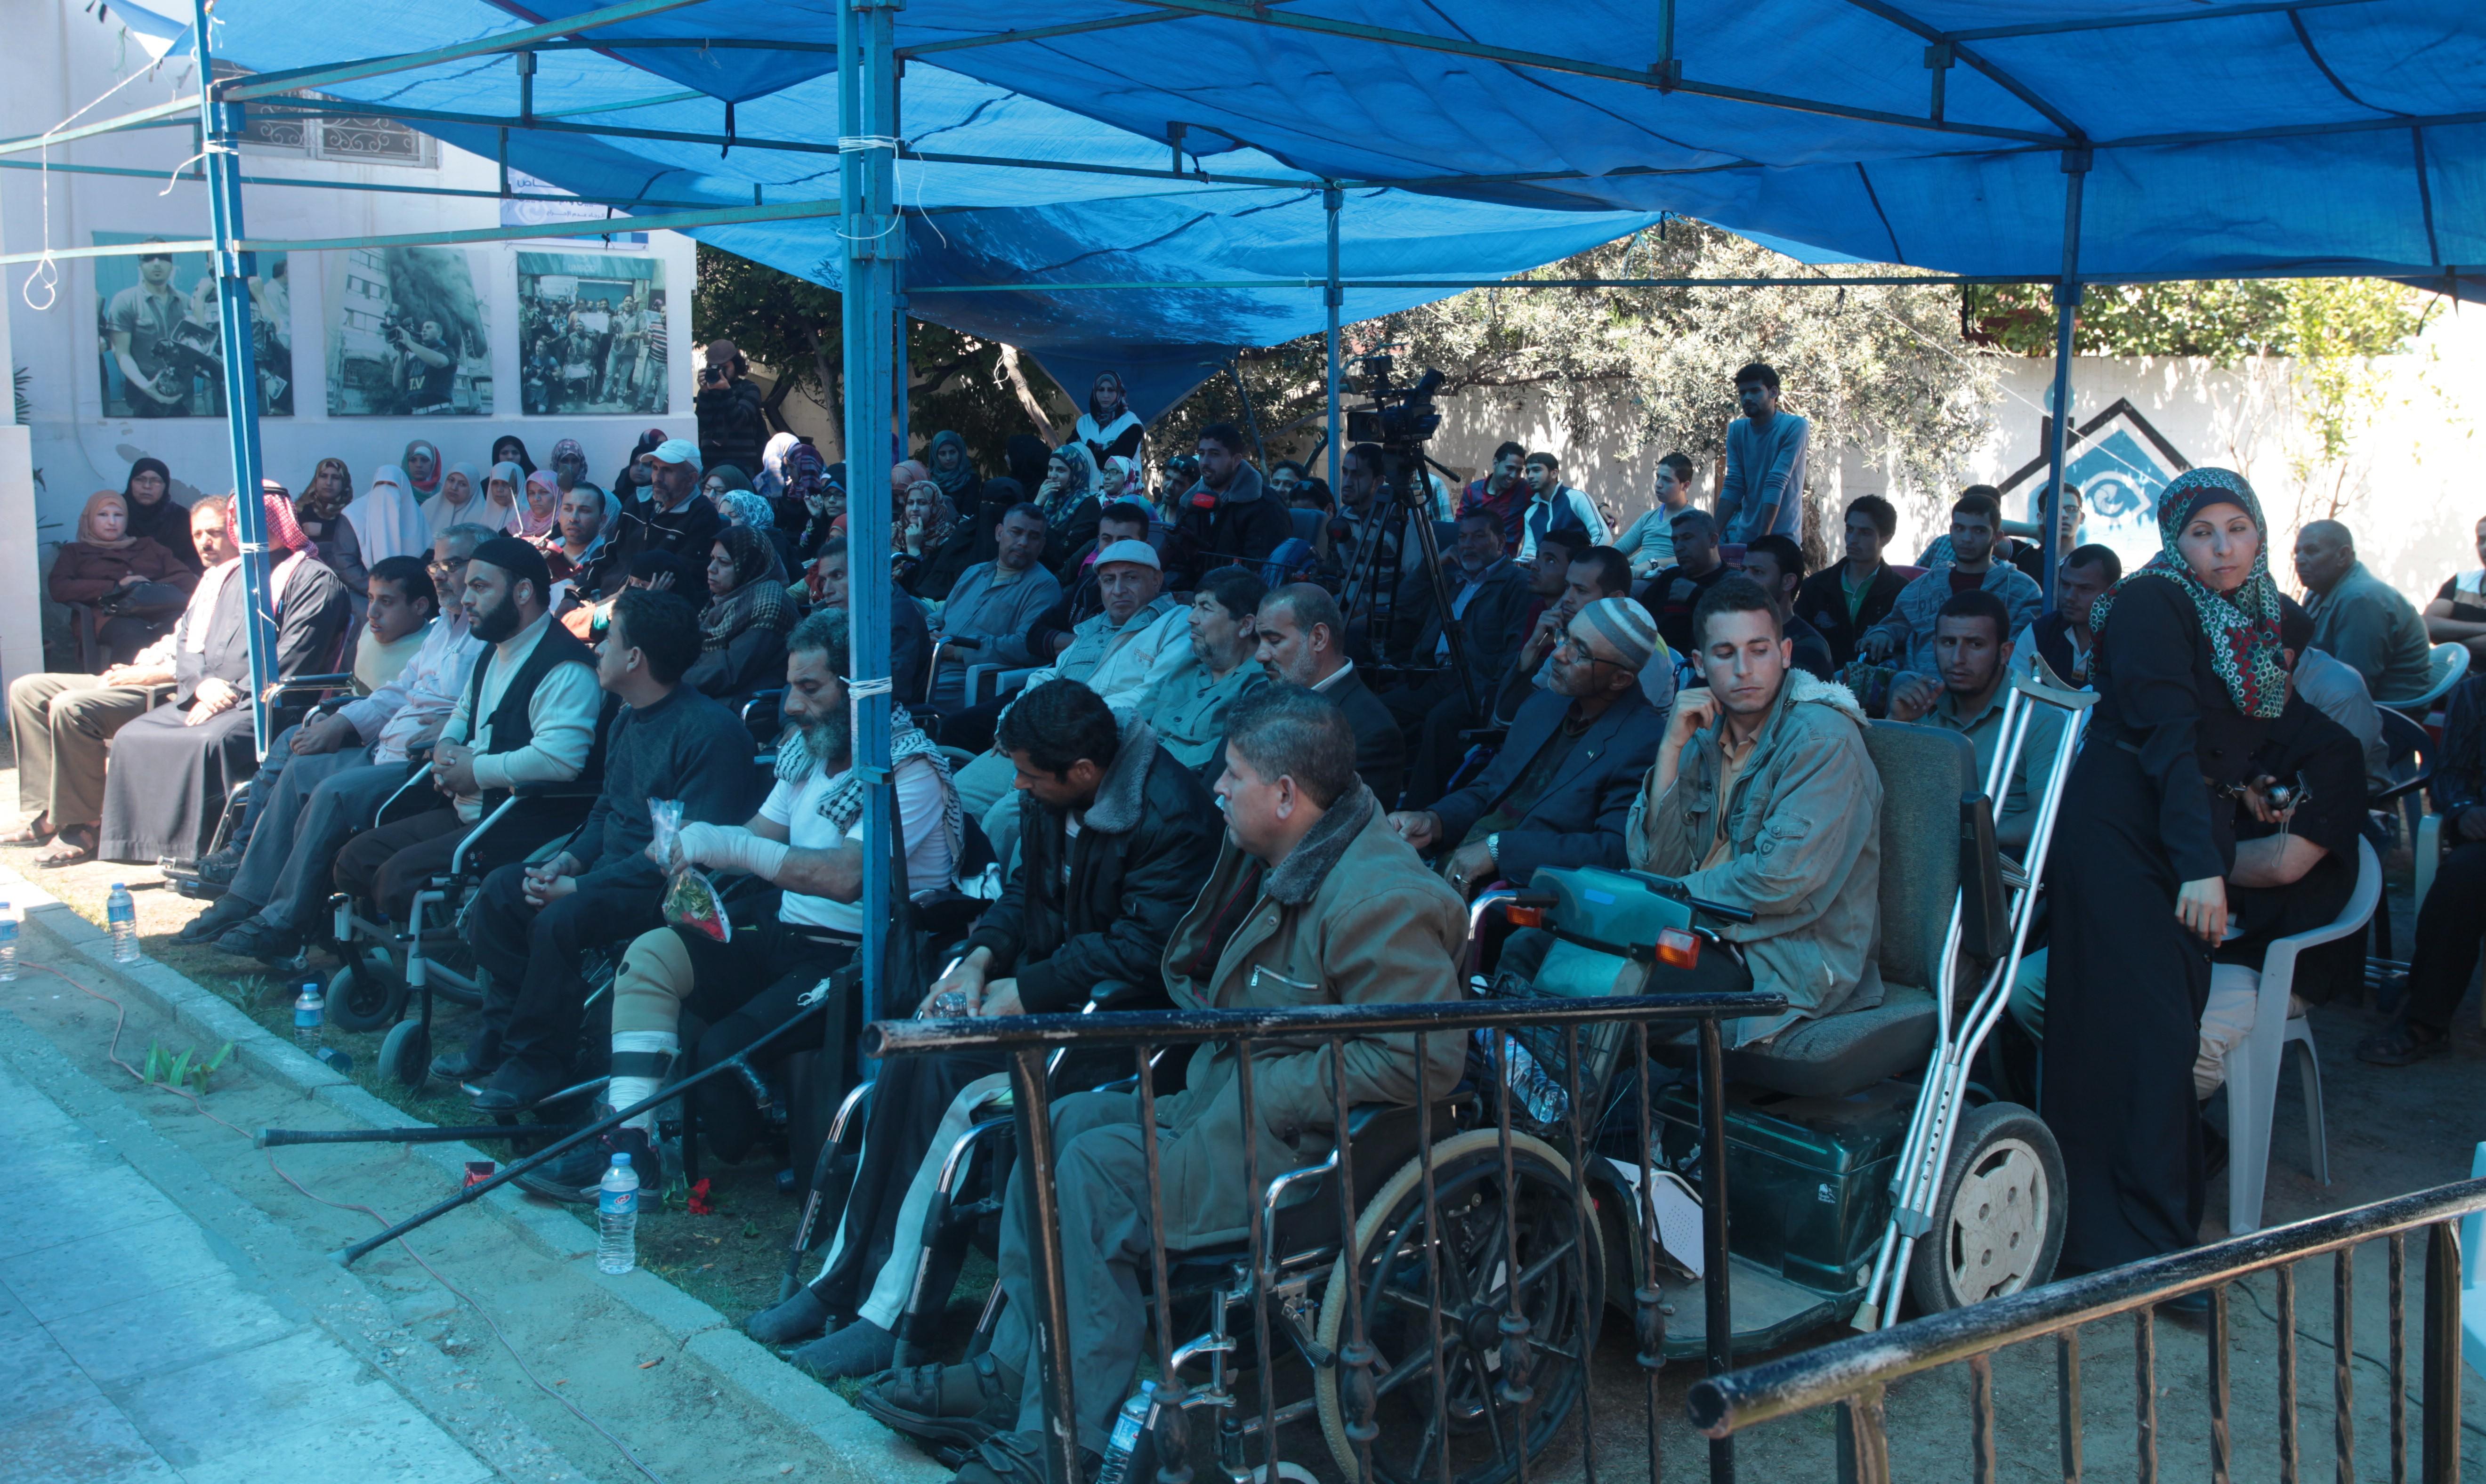 بيت الصحافة تنظم لقاءً لذوي الإعاقة بالتعاون مع المركز الوطني للتأهيل المجتمعي